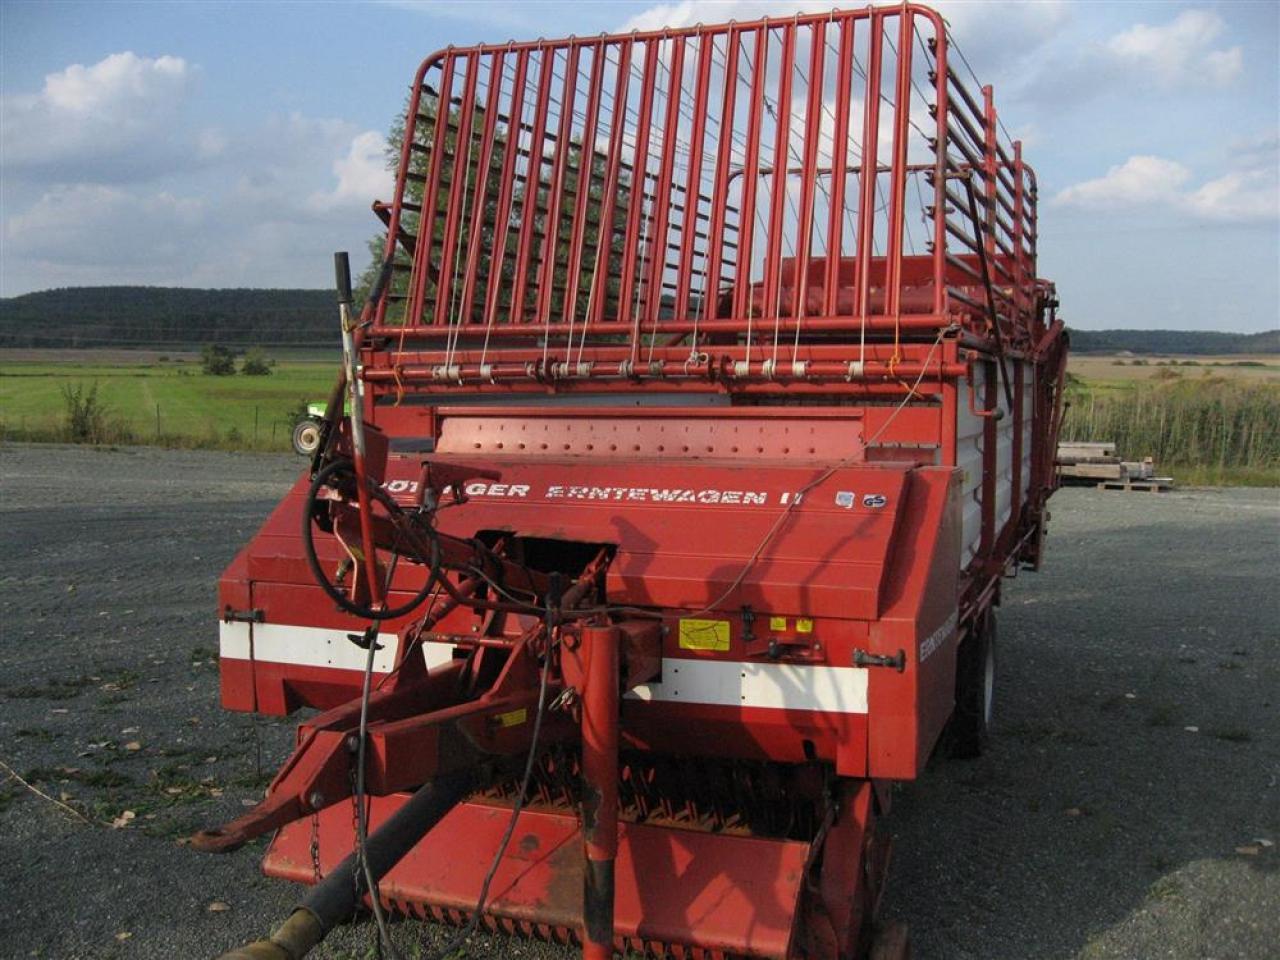 Pöttinger Erntewagen II 2911